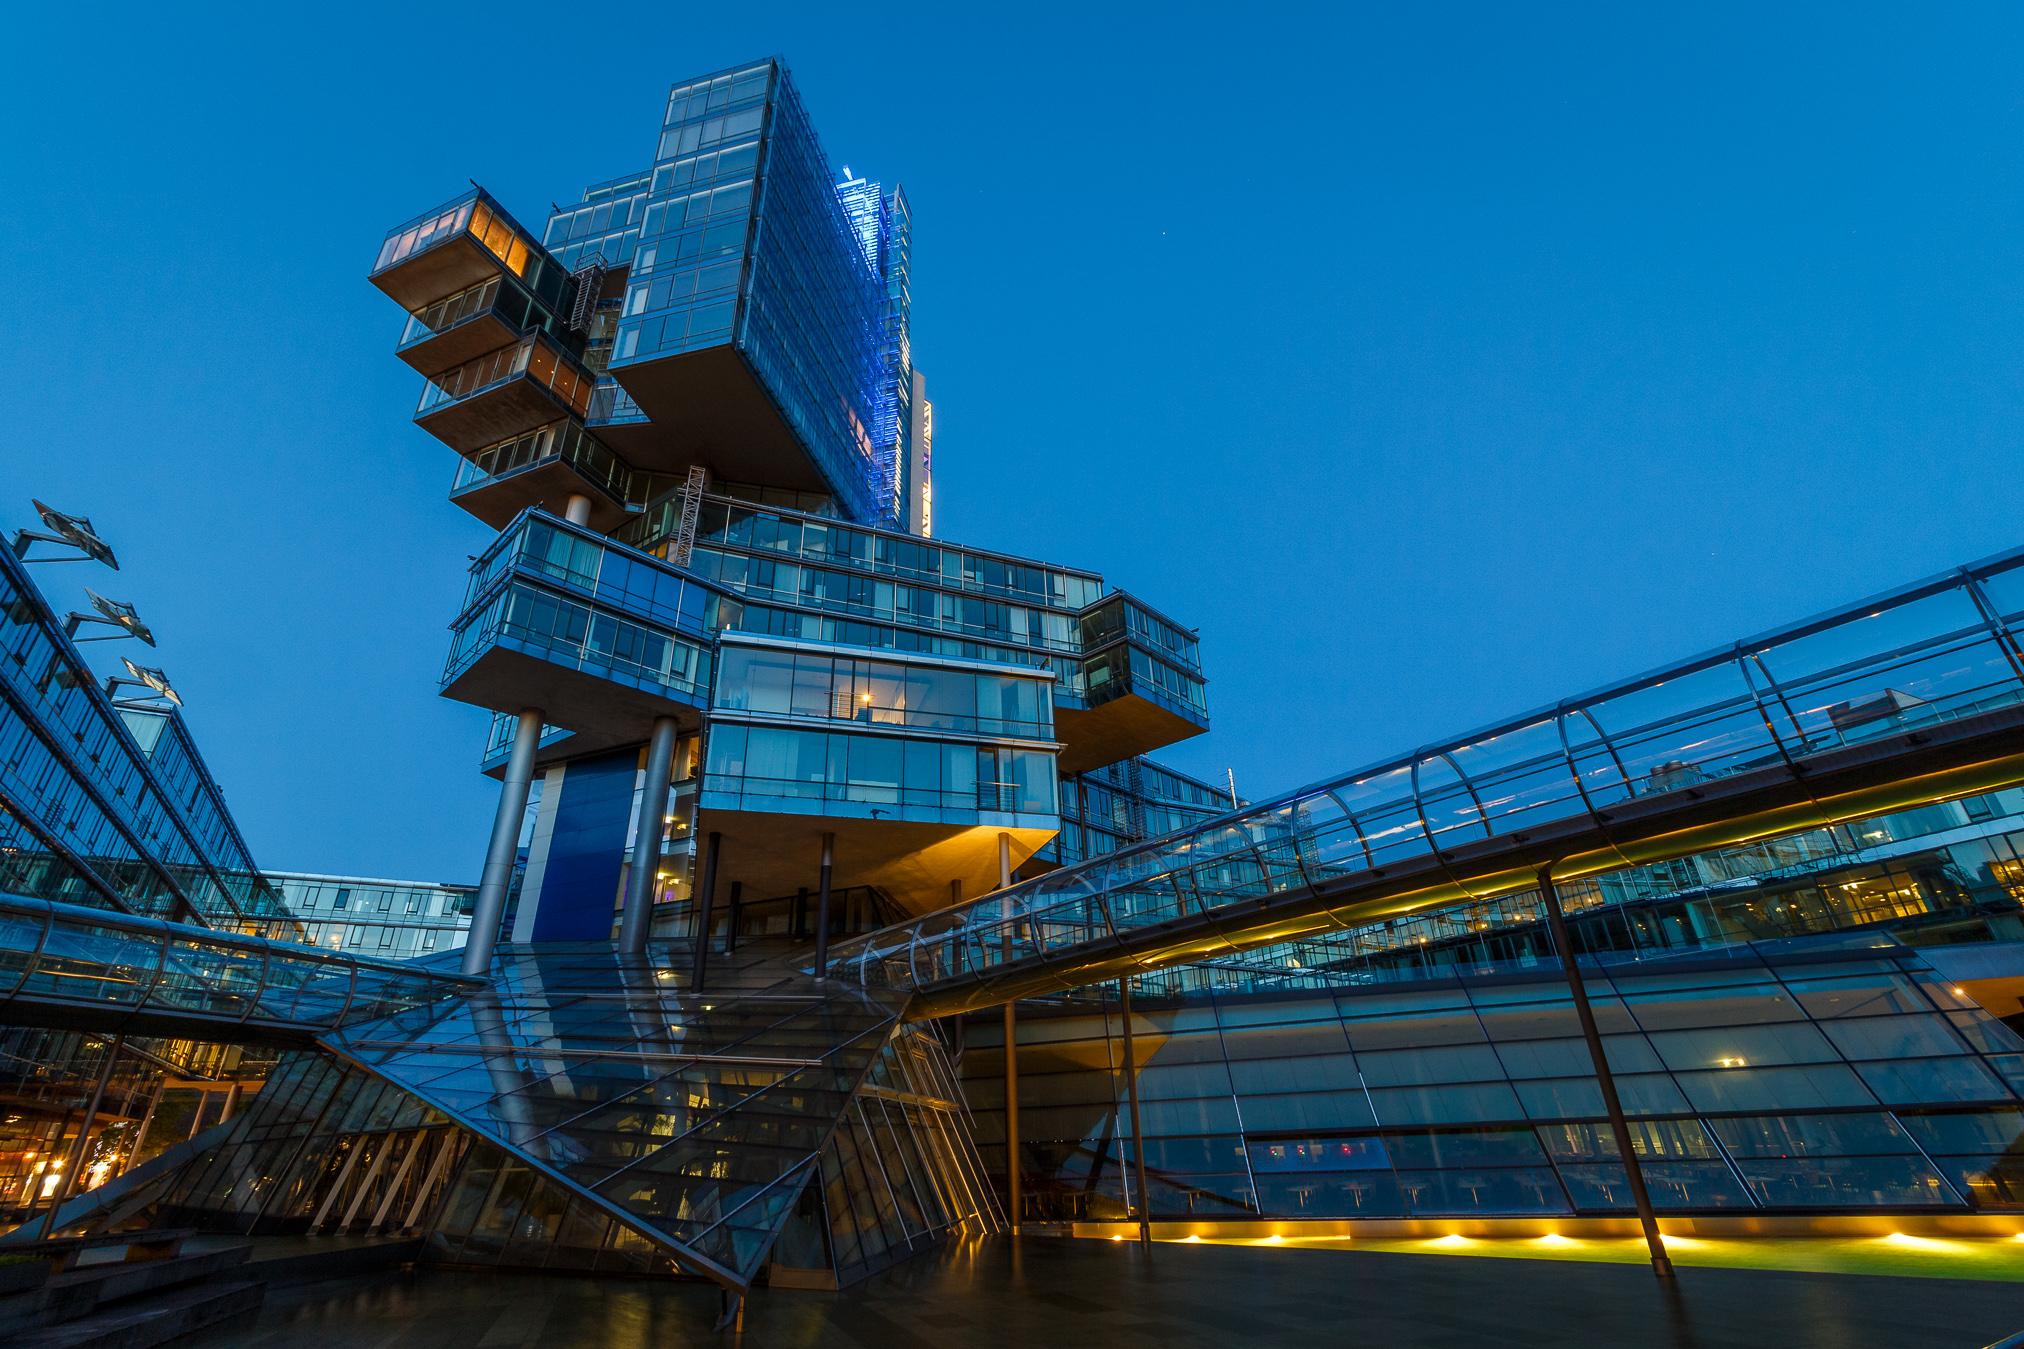 Gerade für das Fotografieren von Gebäuden ist die blaue Stunde sehr gut geeignet